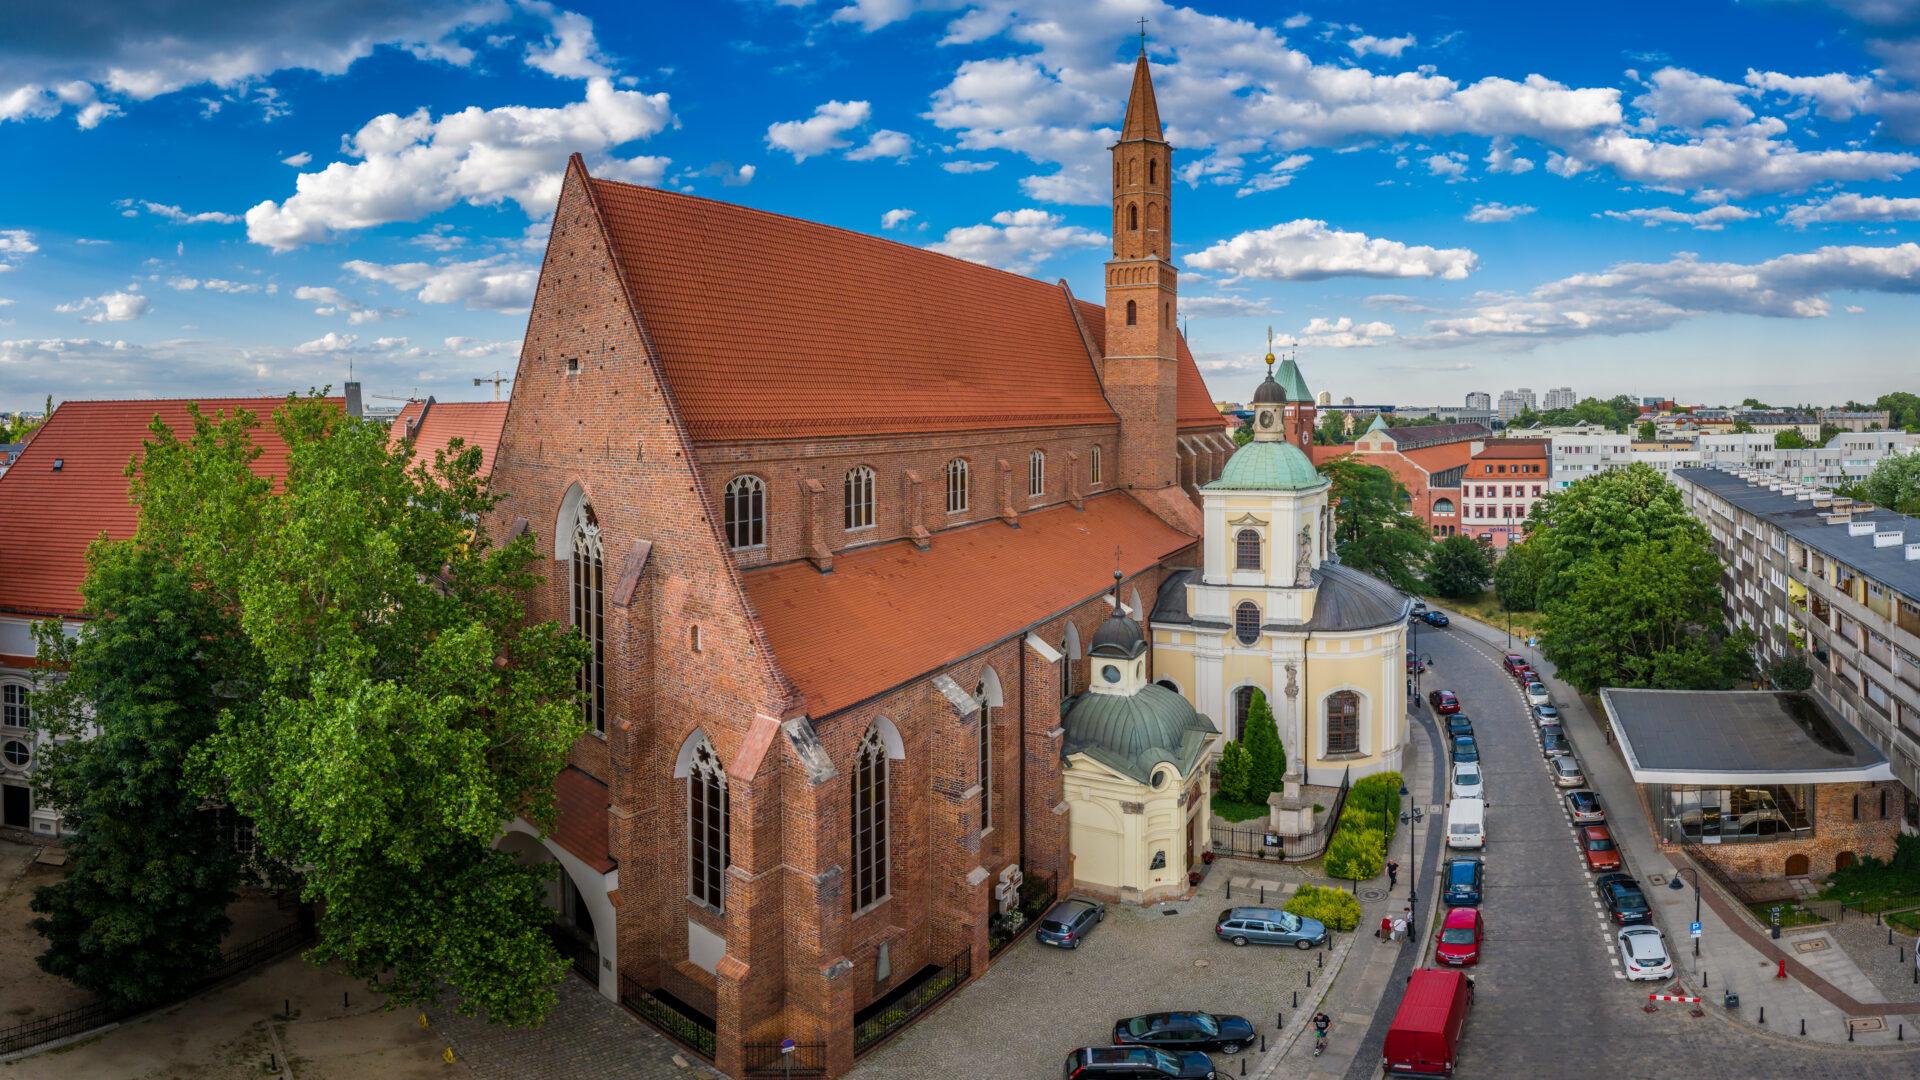 25-ліття від утворення Вроцлавсько-Ґданської Єпархії